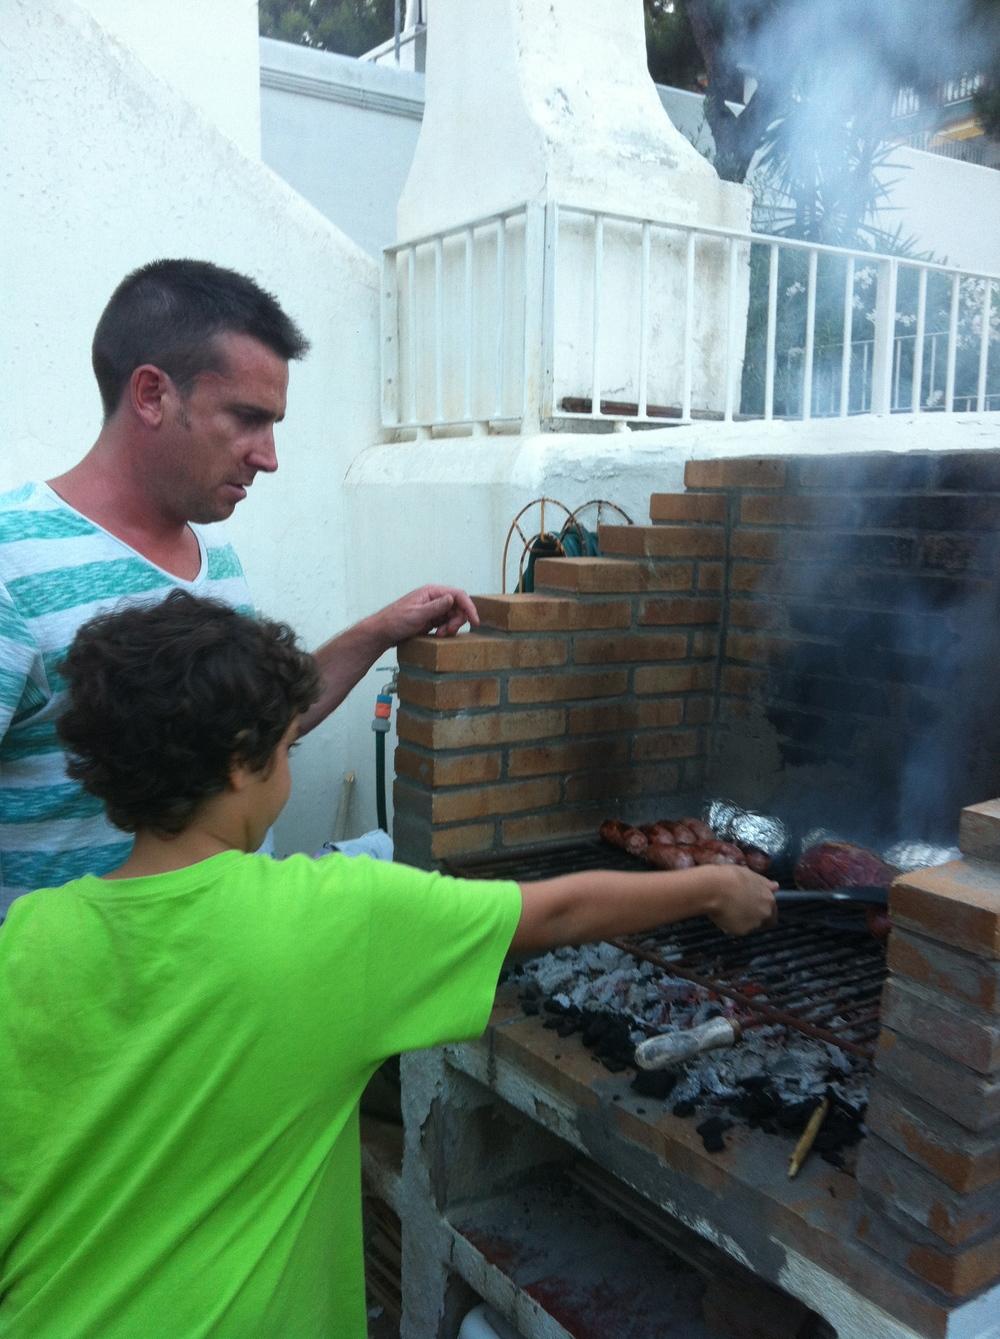 Duncan e Yago preparando churrasco